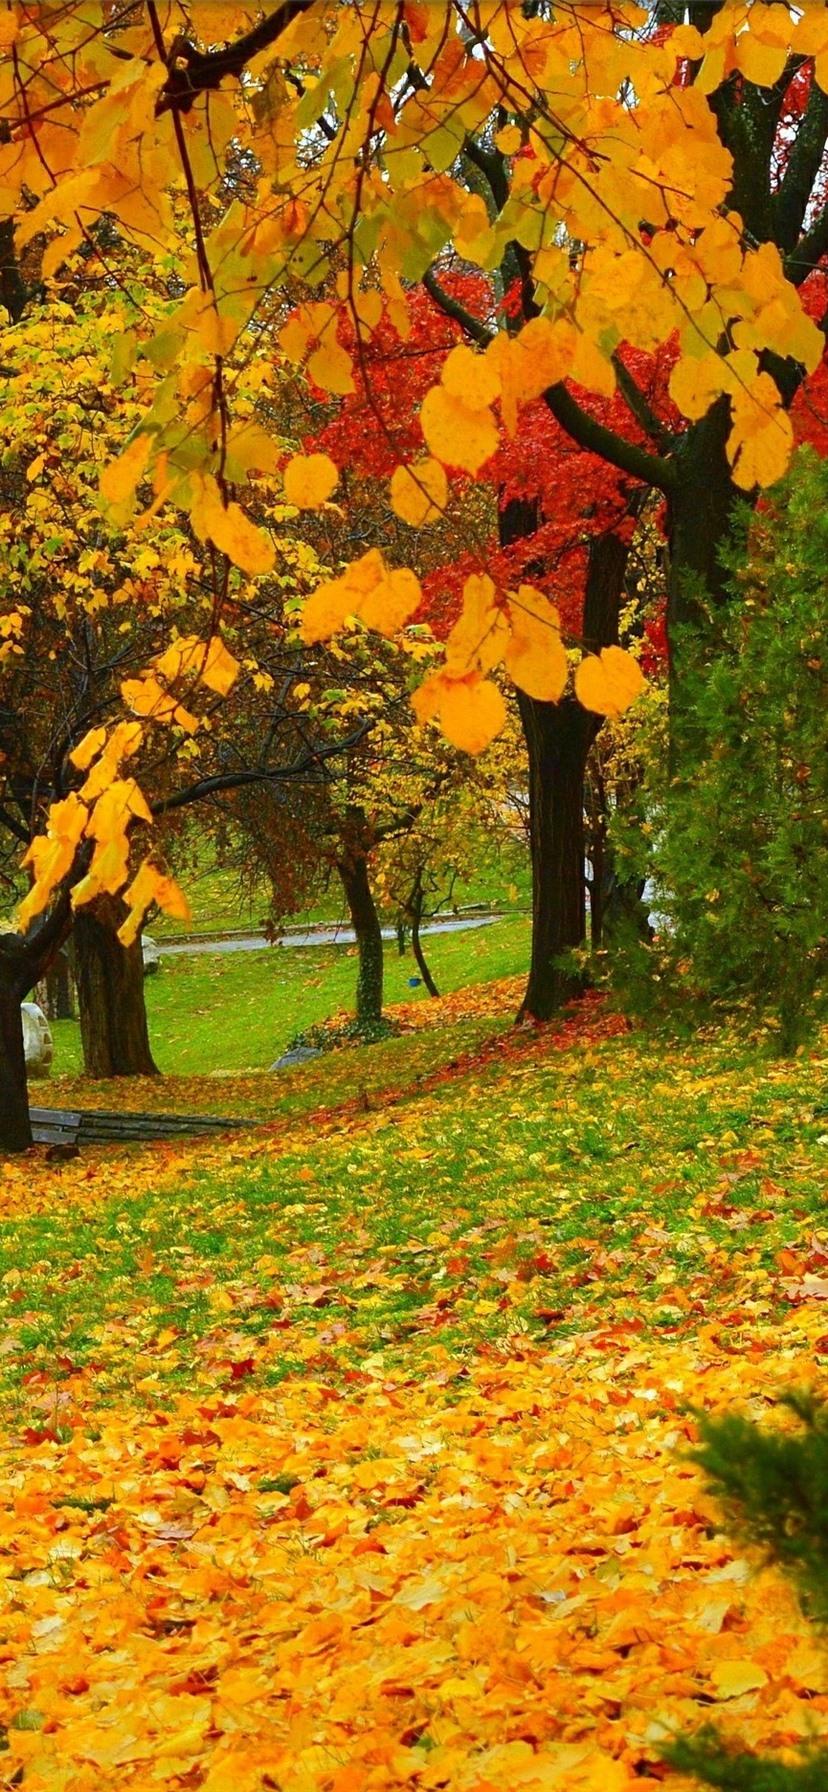 秋 公園 木々 黄色 赤い葉 828x1792 Iphone 11 Xr 壁紙 背景 画像